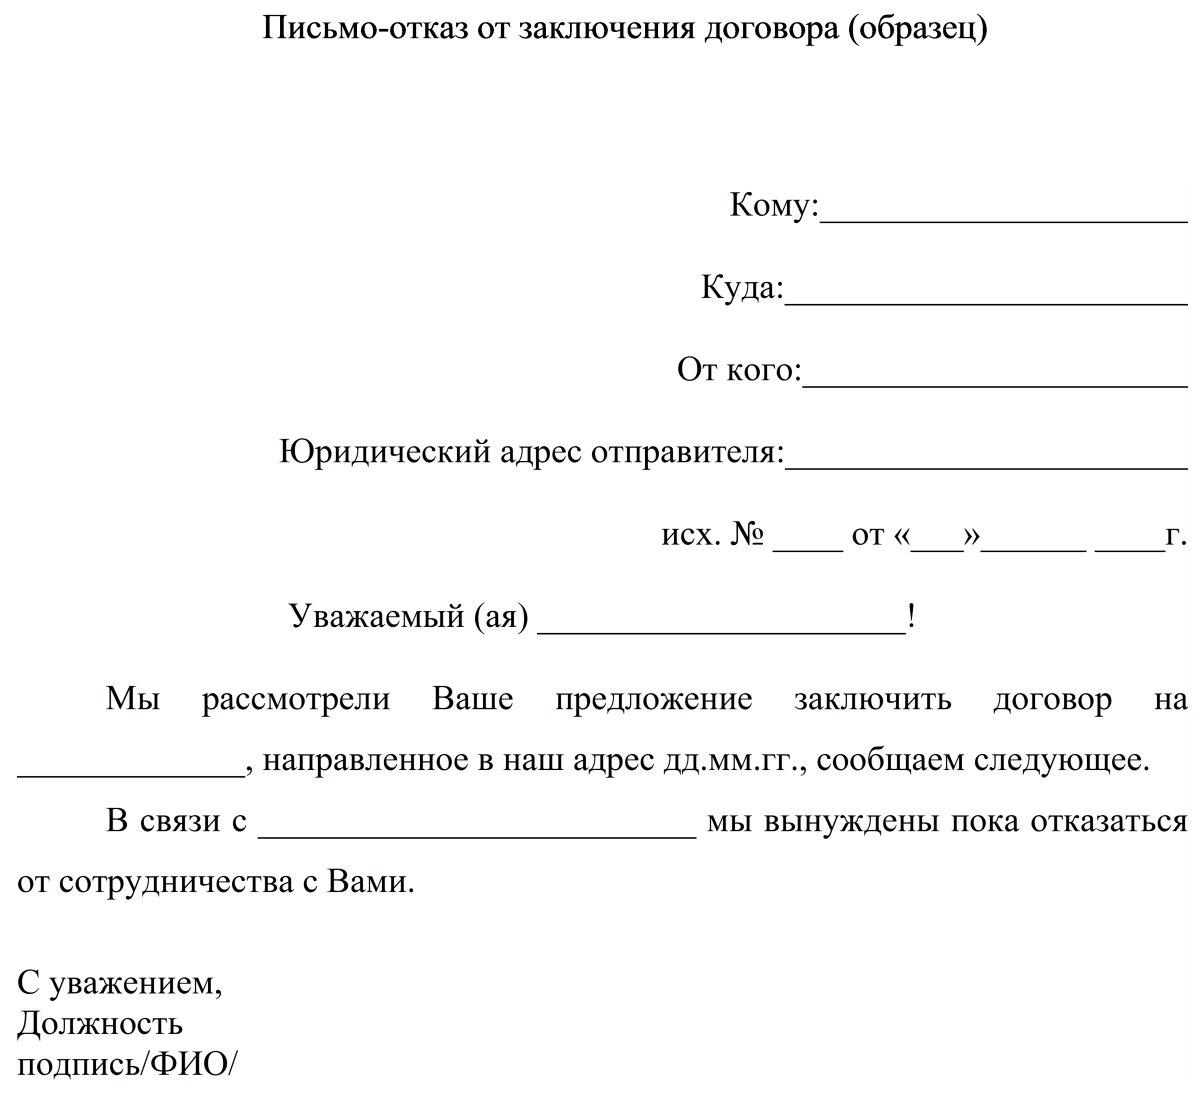 Образец письма-отказа от заключения договора